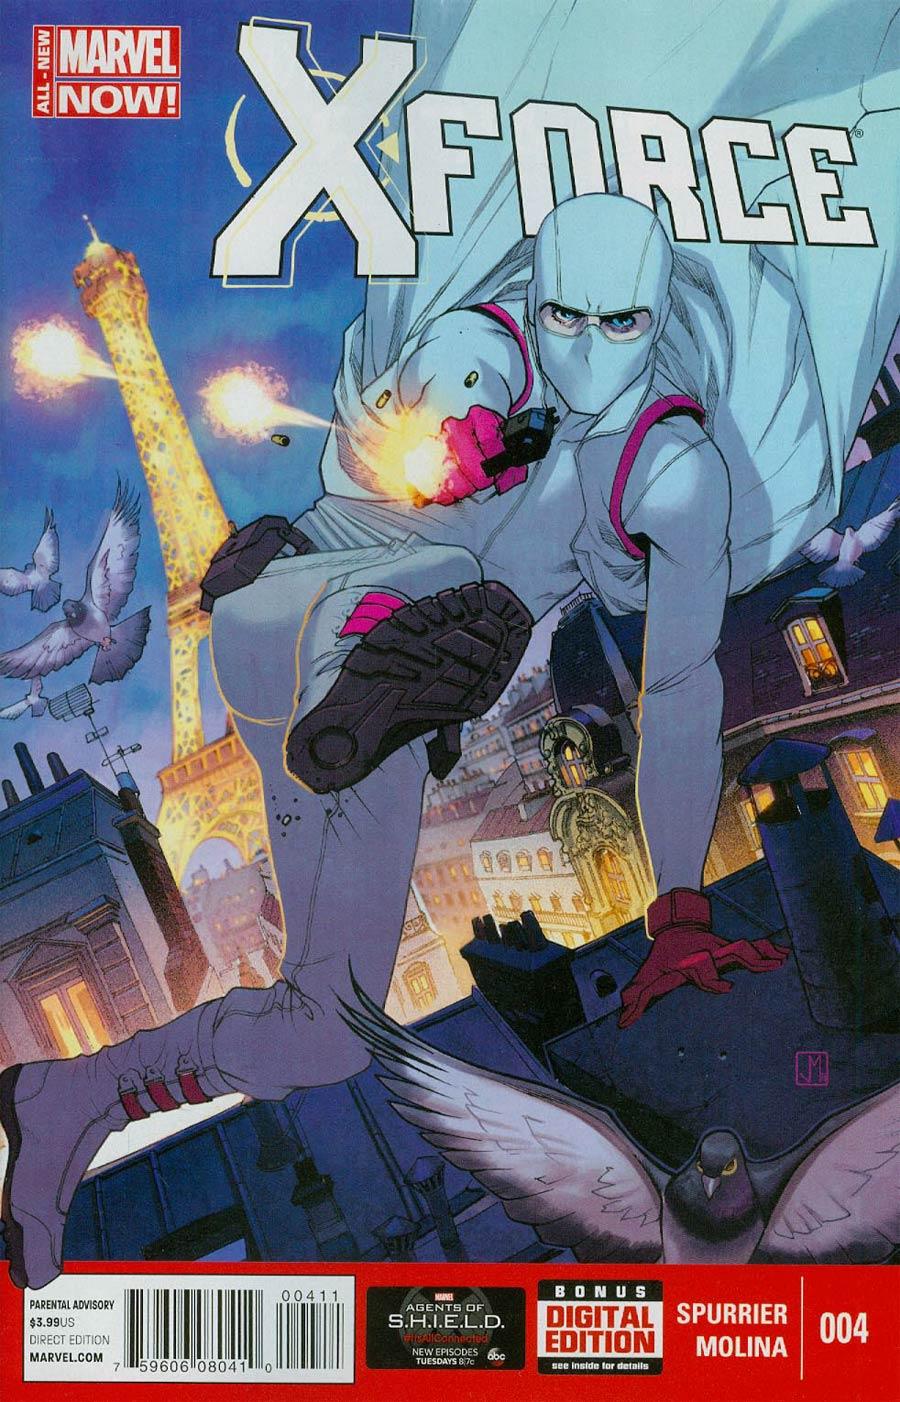 X-Force Vol 4 #4